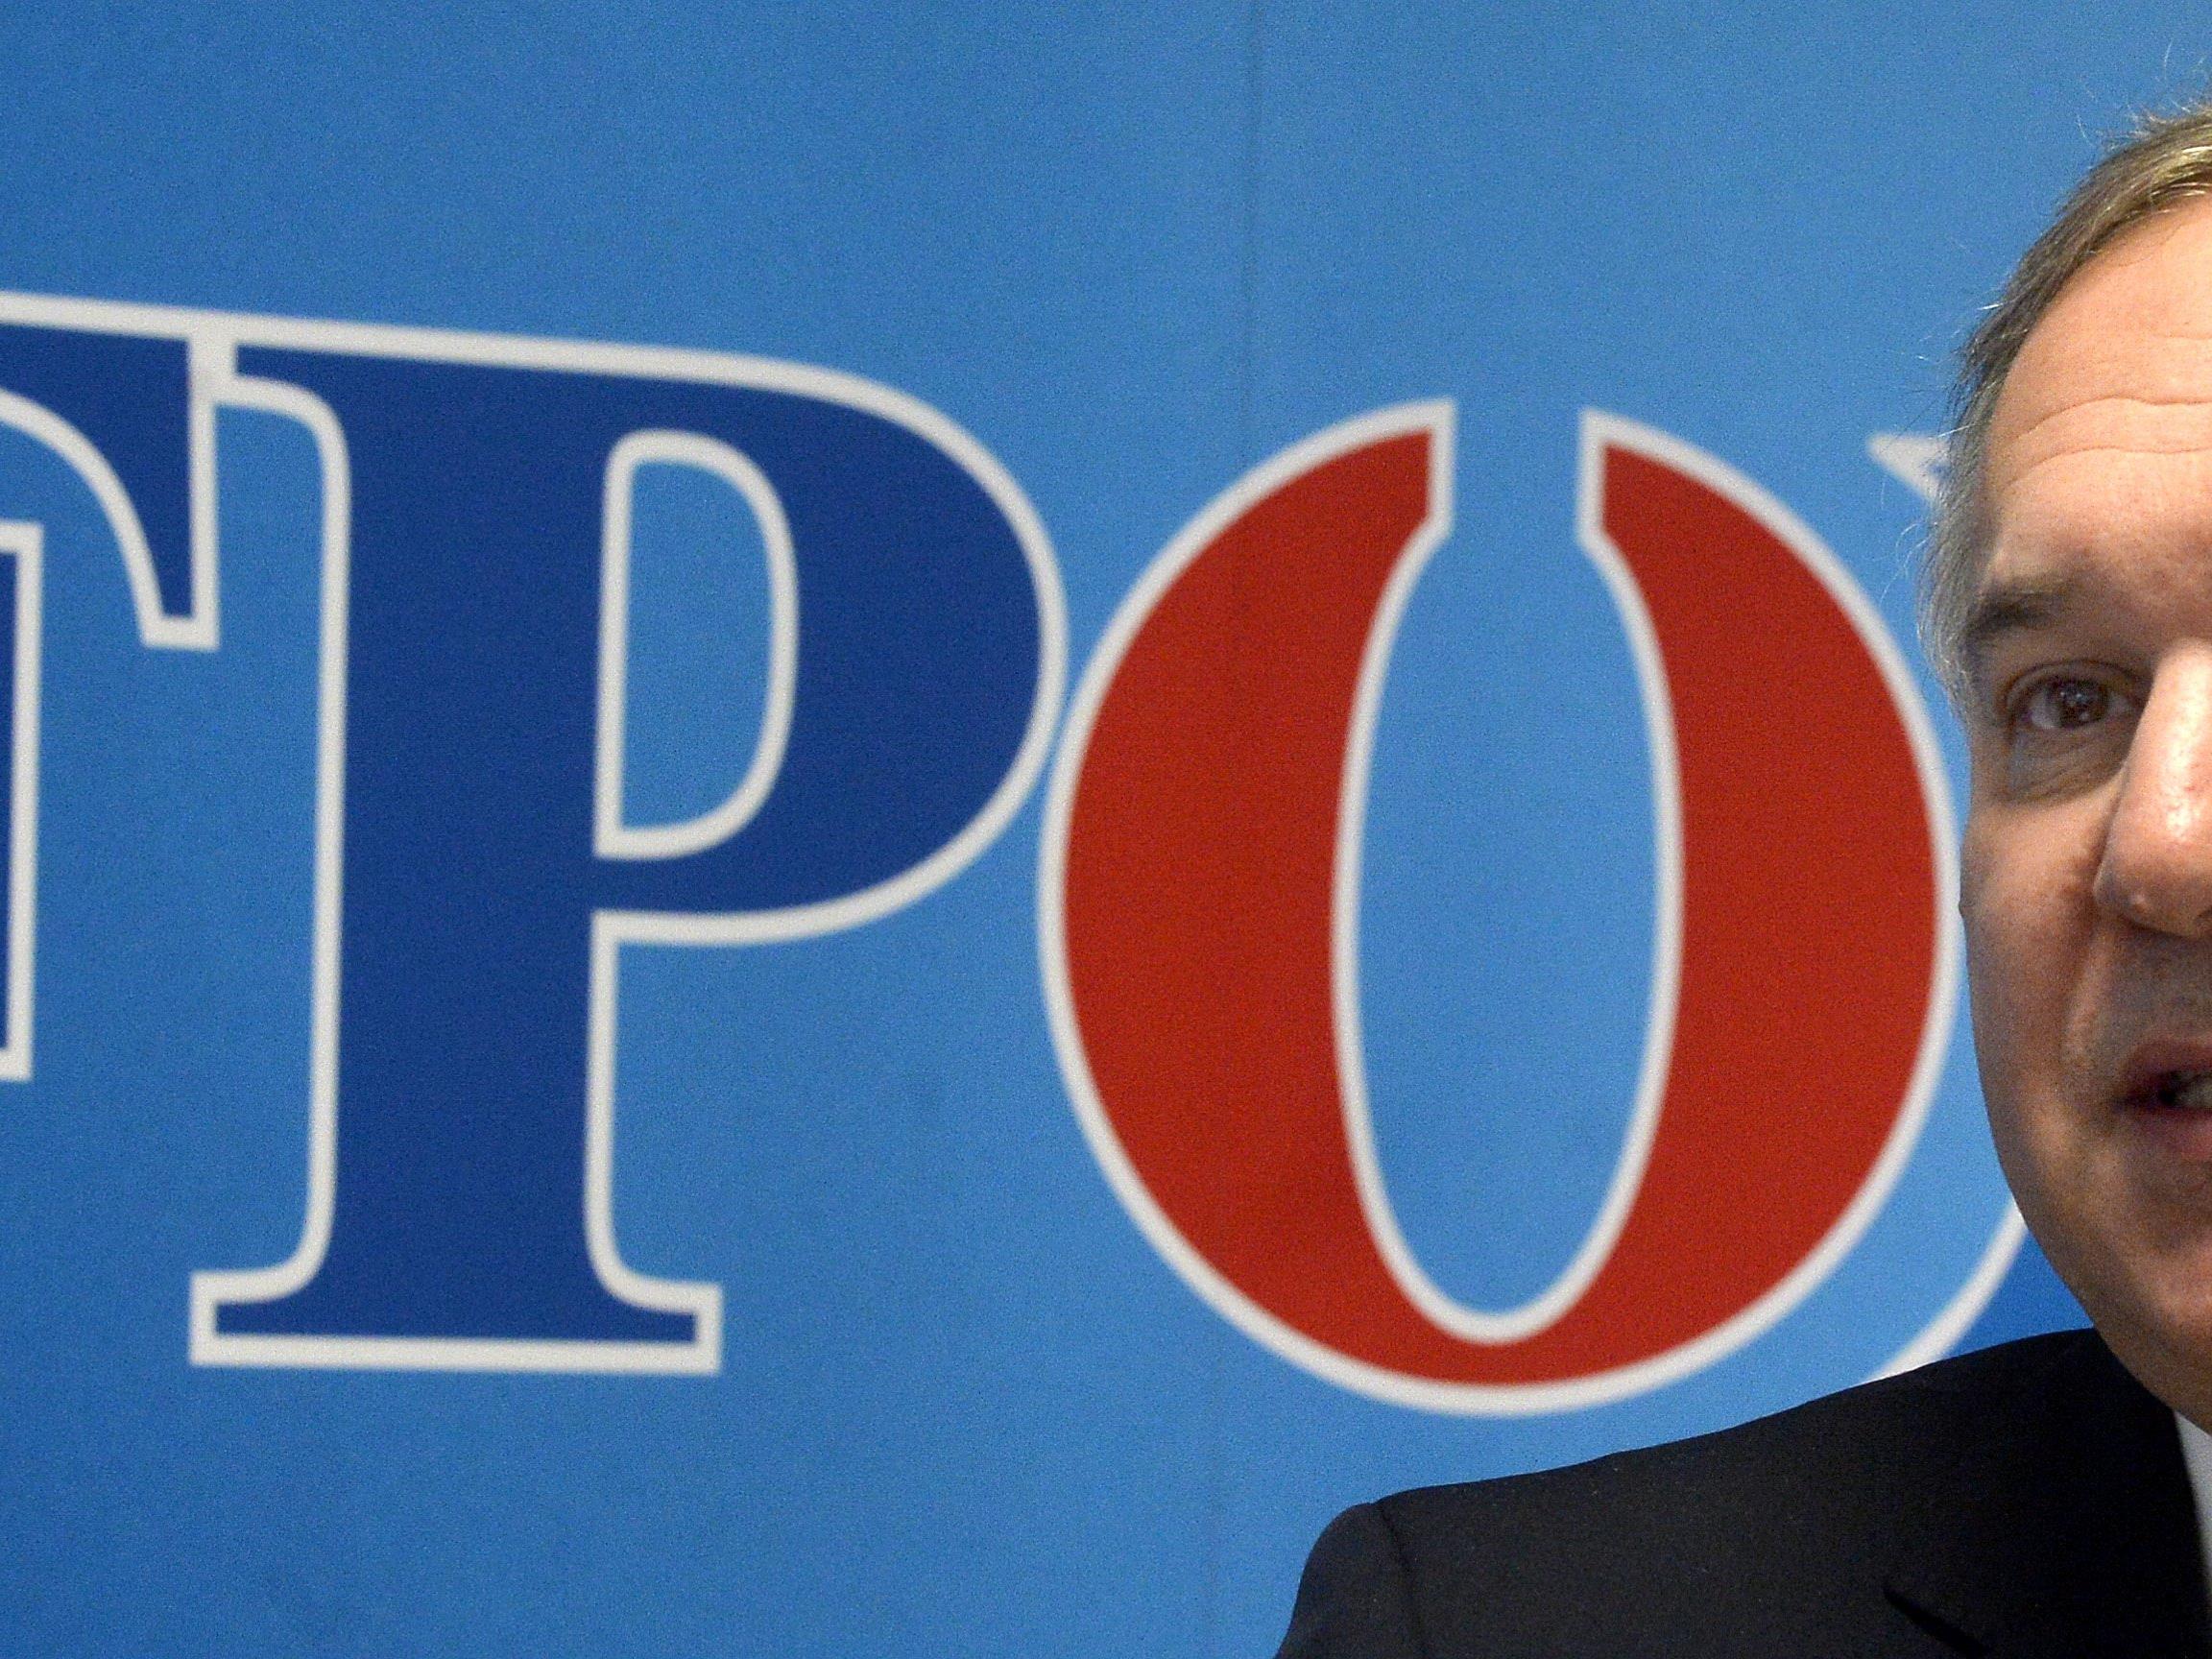 Walter Rosenkranz ist FPÖ-Spitzenkandidat bei der Landtagswahl in Niederösterreich.